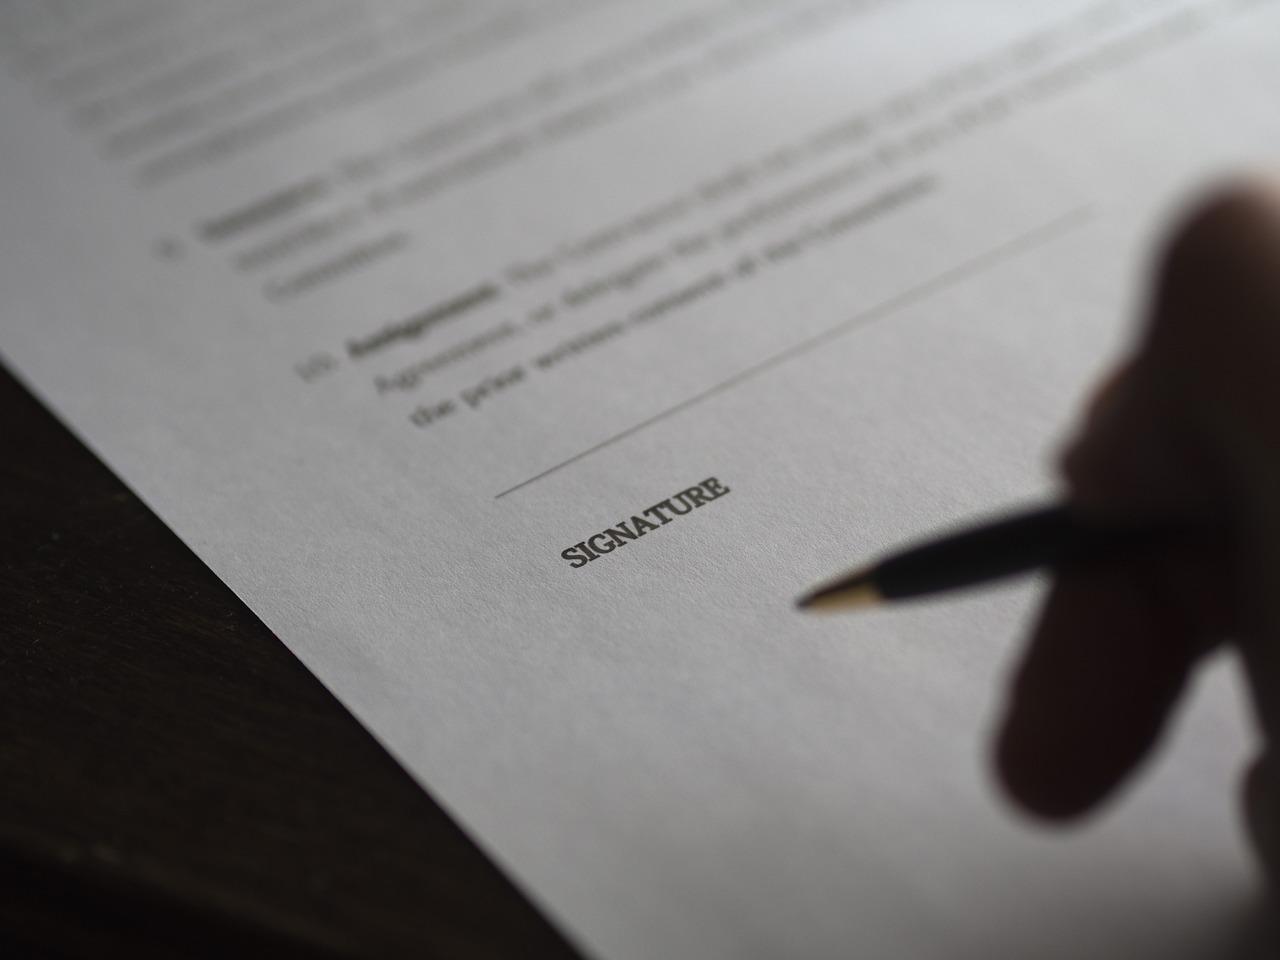 L'existence de clauses dites abusives dans un contrat de location